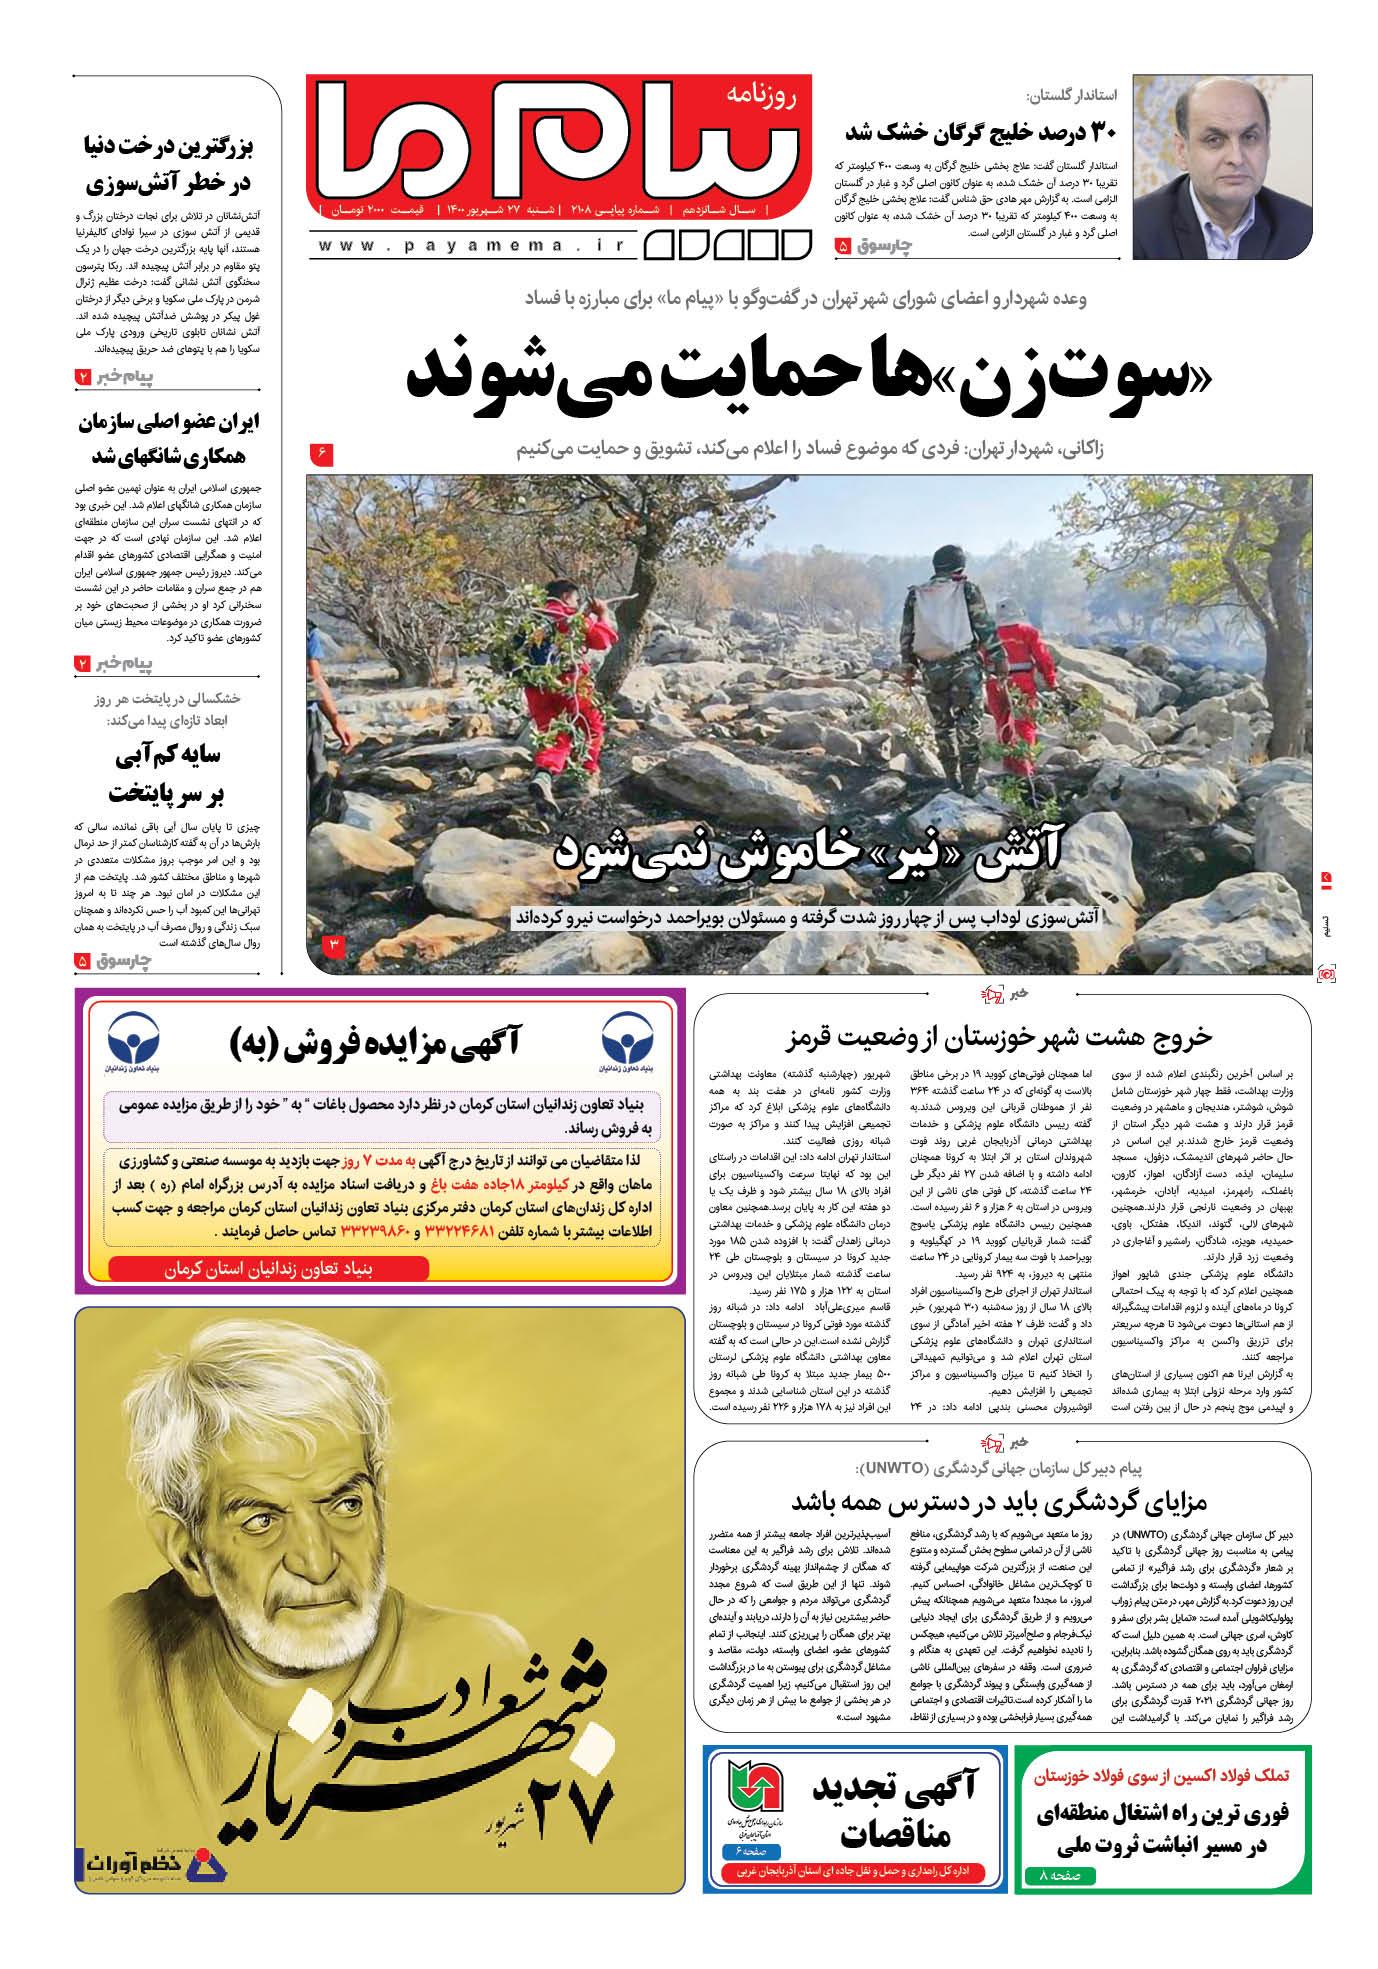 صفحه اول شماره 2108 روزنامه پیام ما